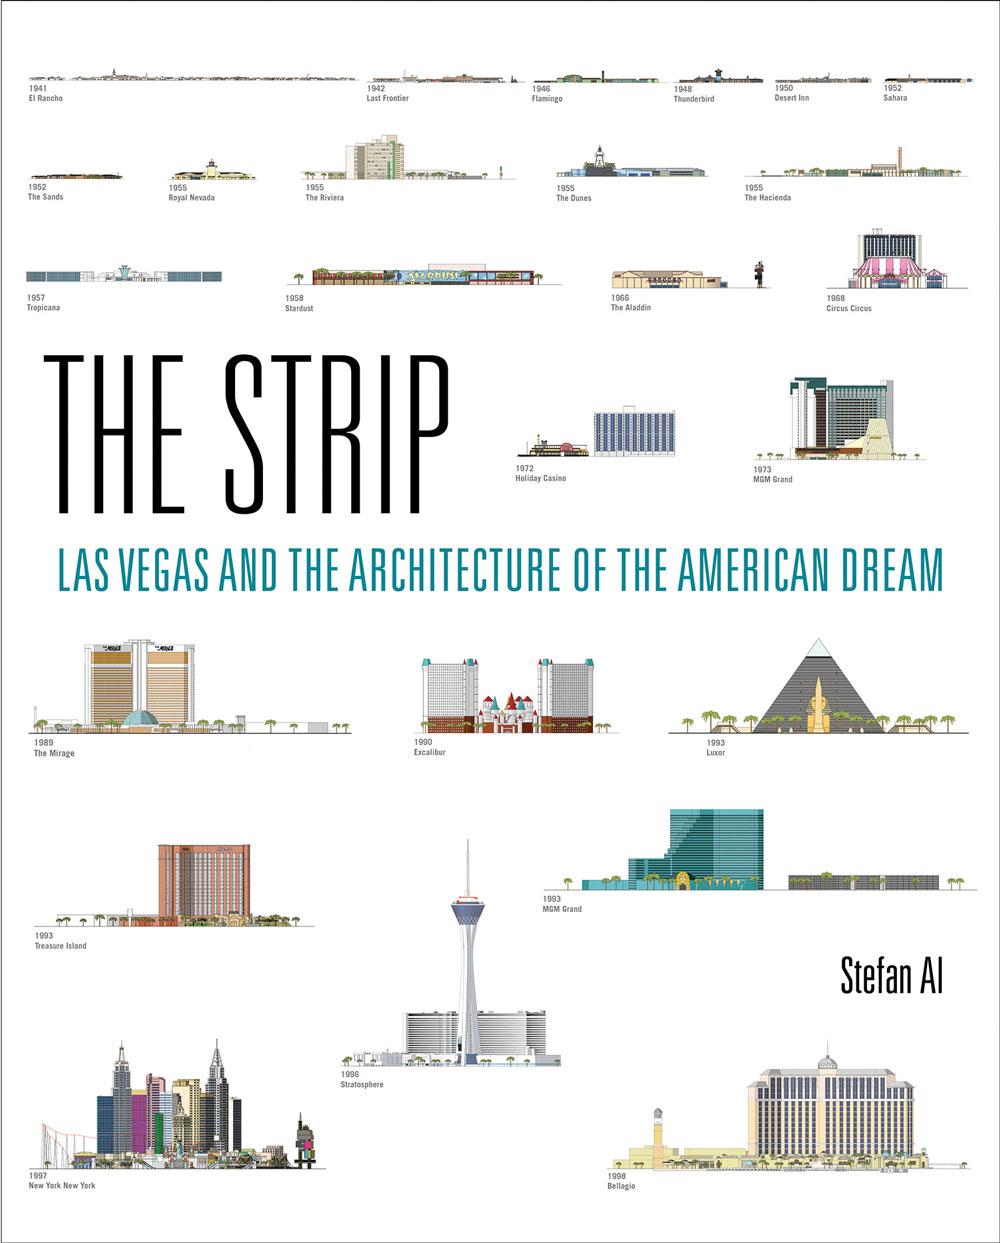 Author: Stefan Al The MIT Press, 2017